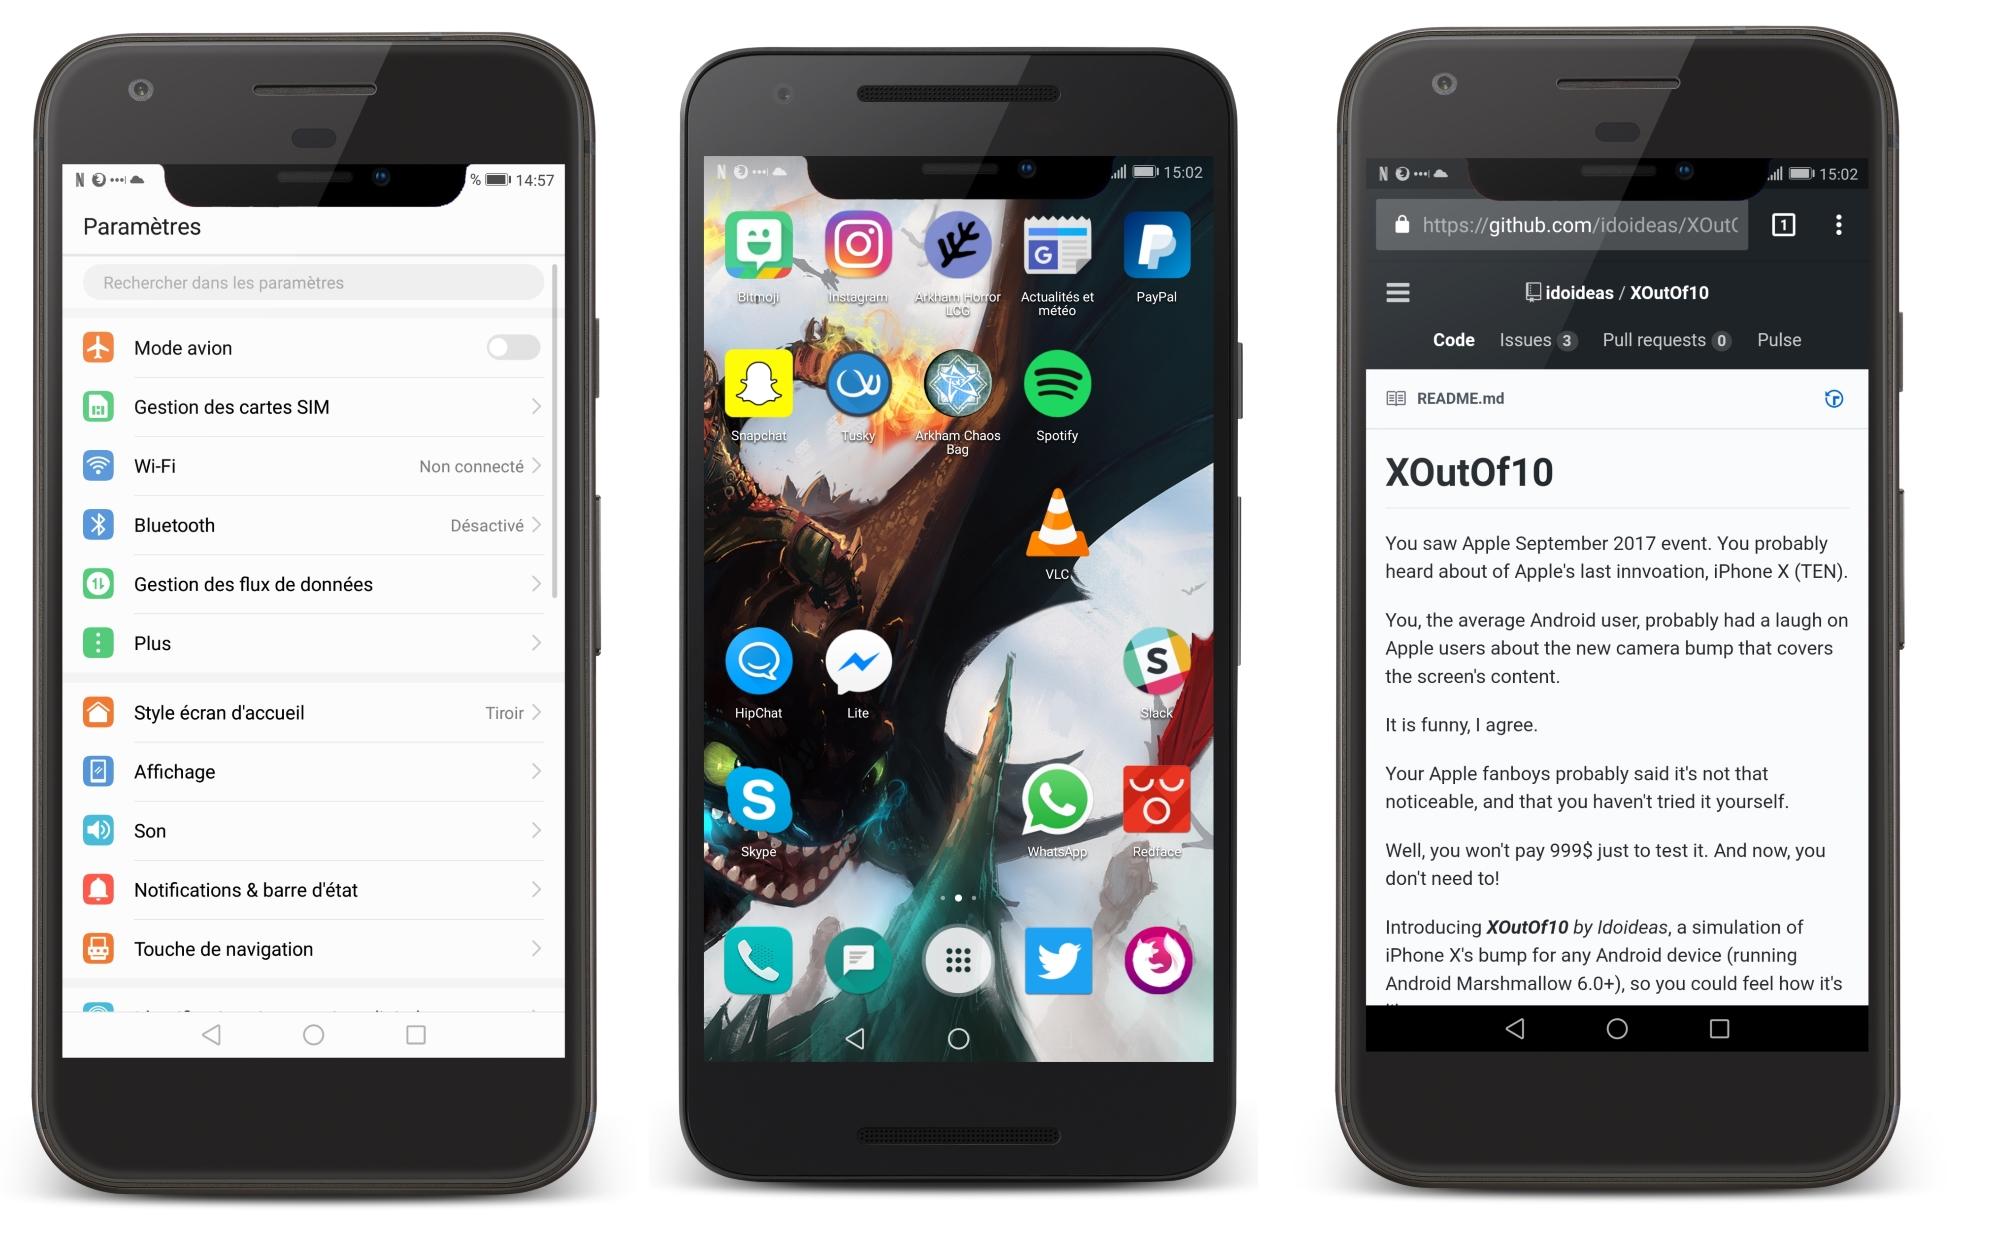 Cette application ridicule permet d'imiter l'écran de l'iPhone X sur Android